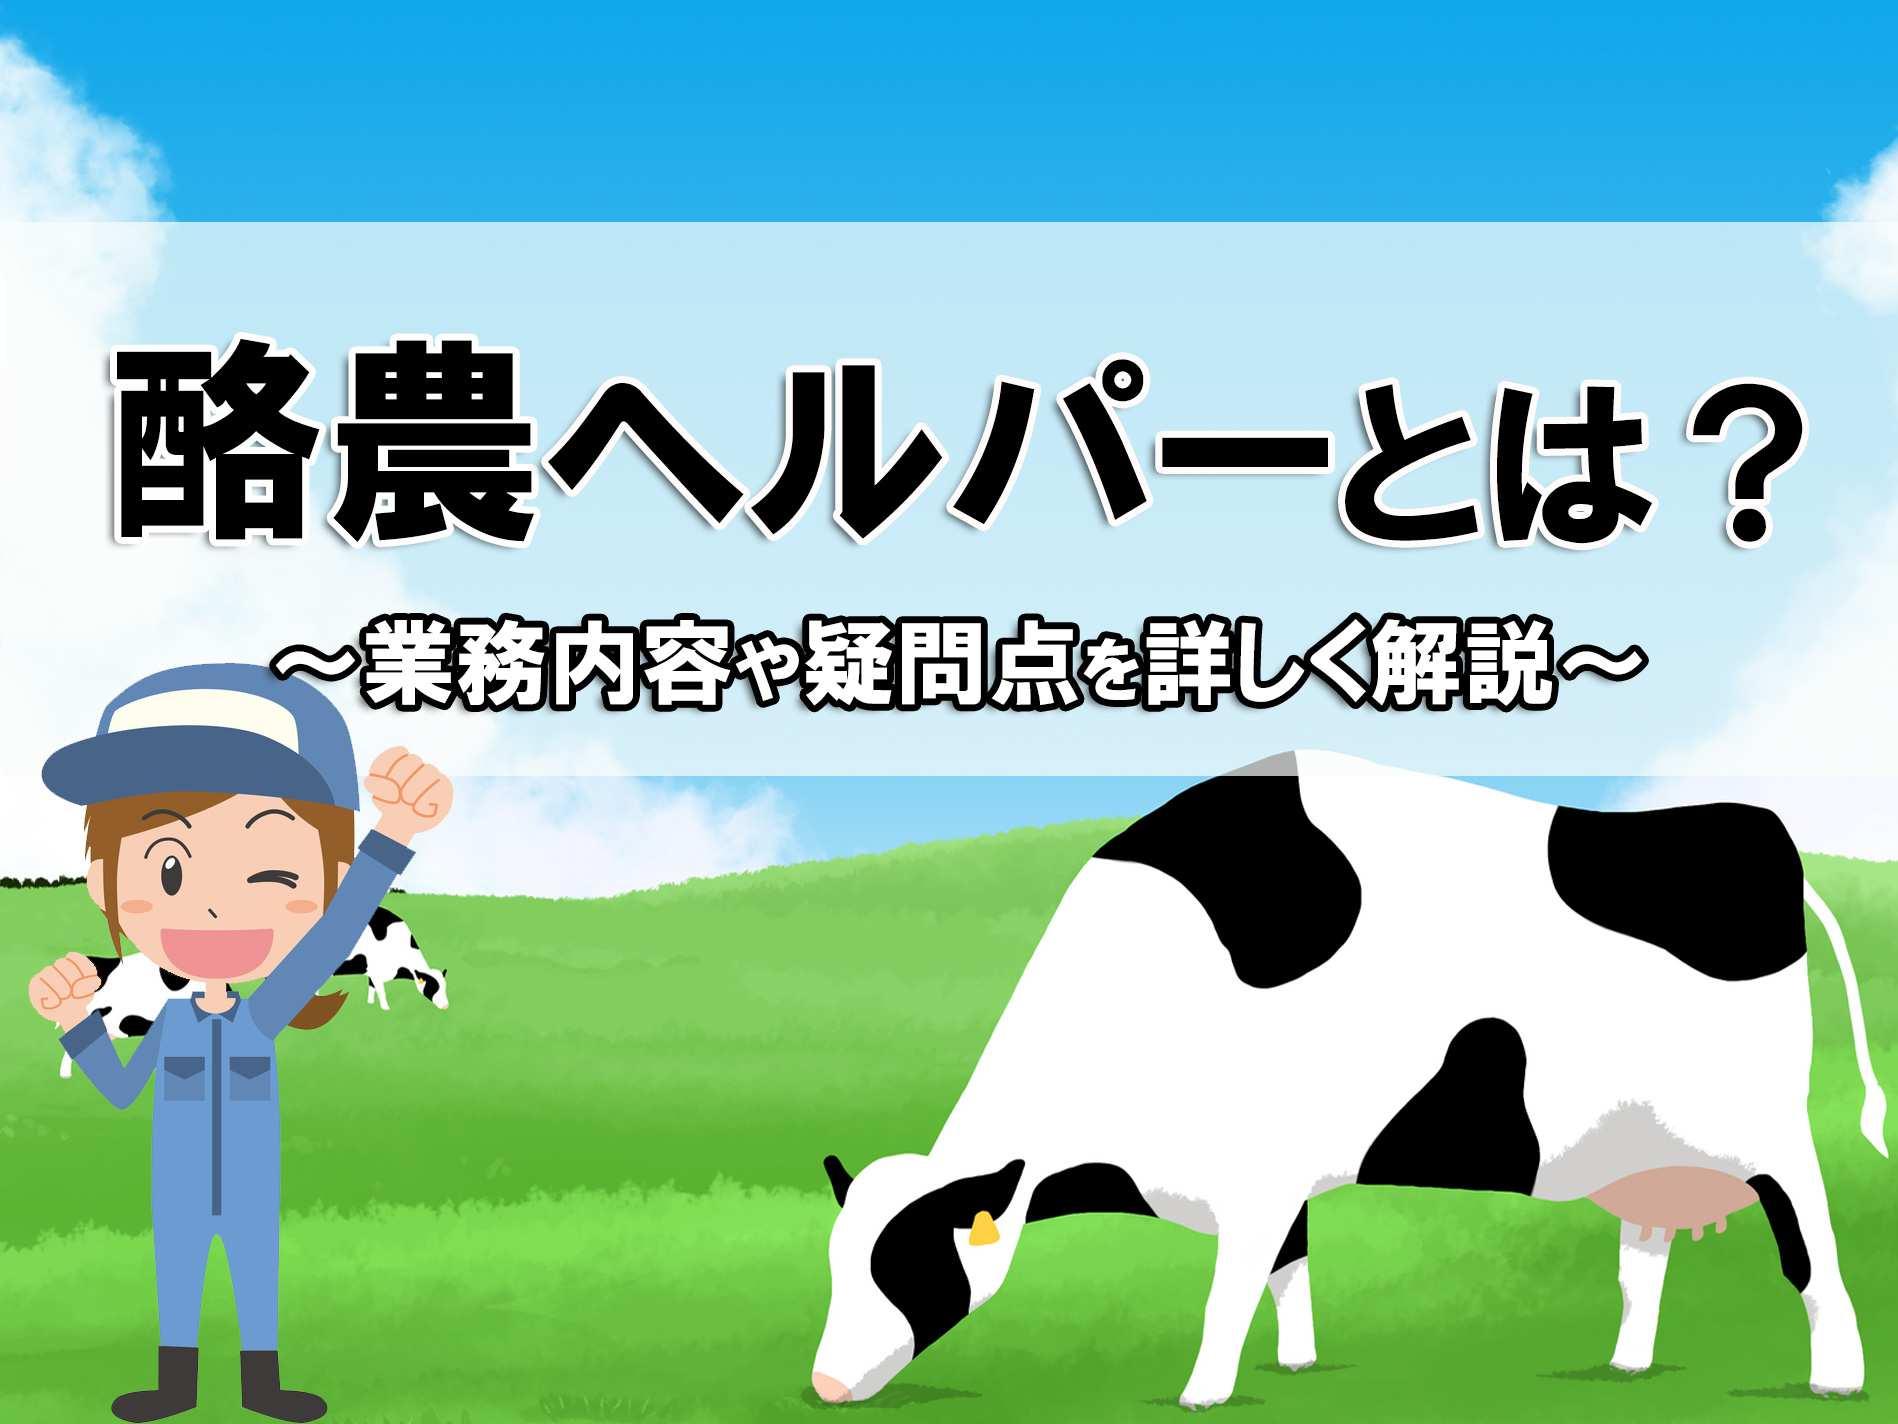 酪農家のパートナー『酪農ヘルパー』とは? 仕事内容と働き方、よくある疑問点を詳しく解説